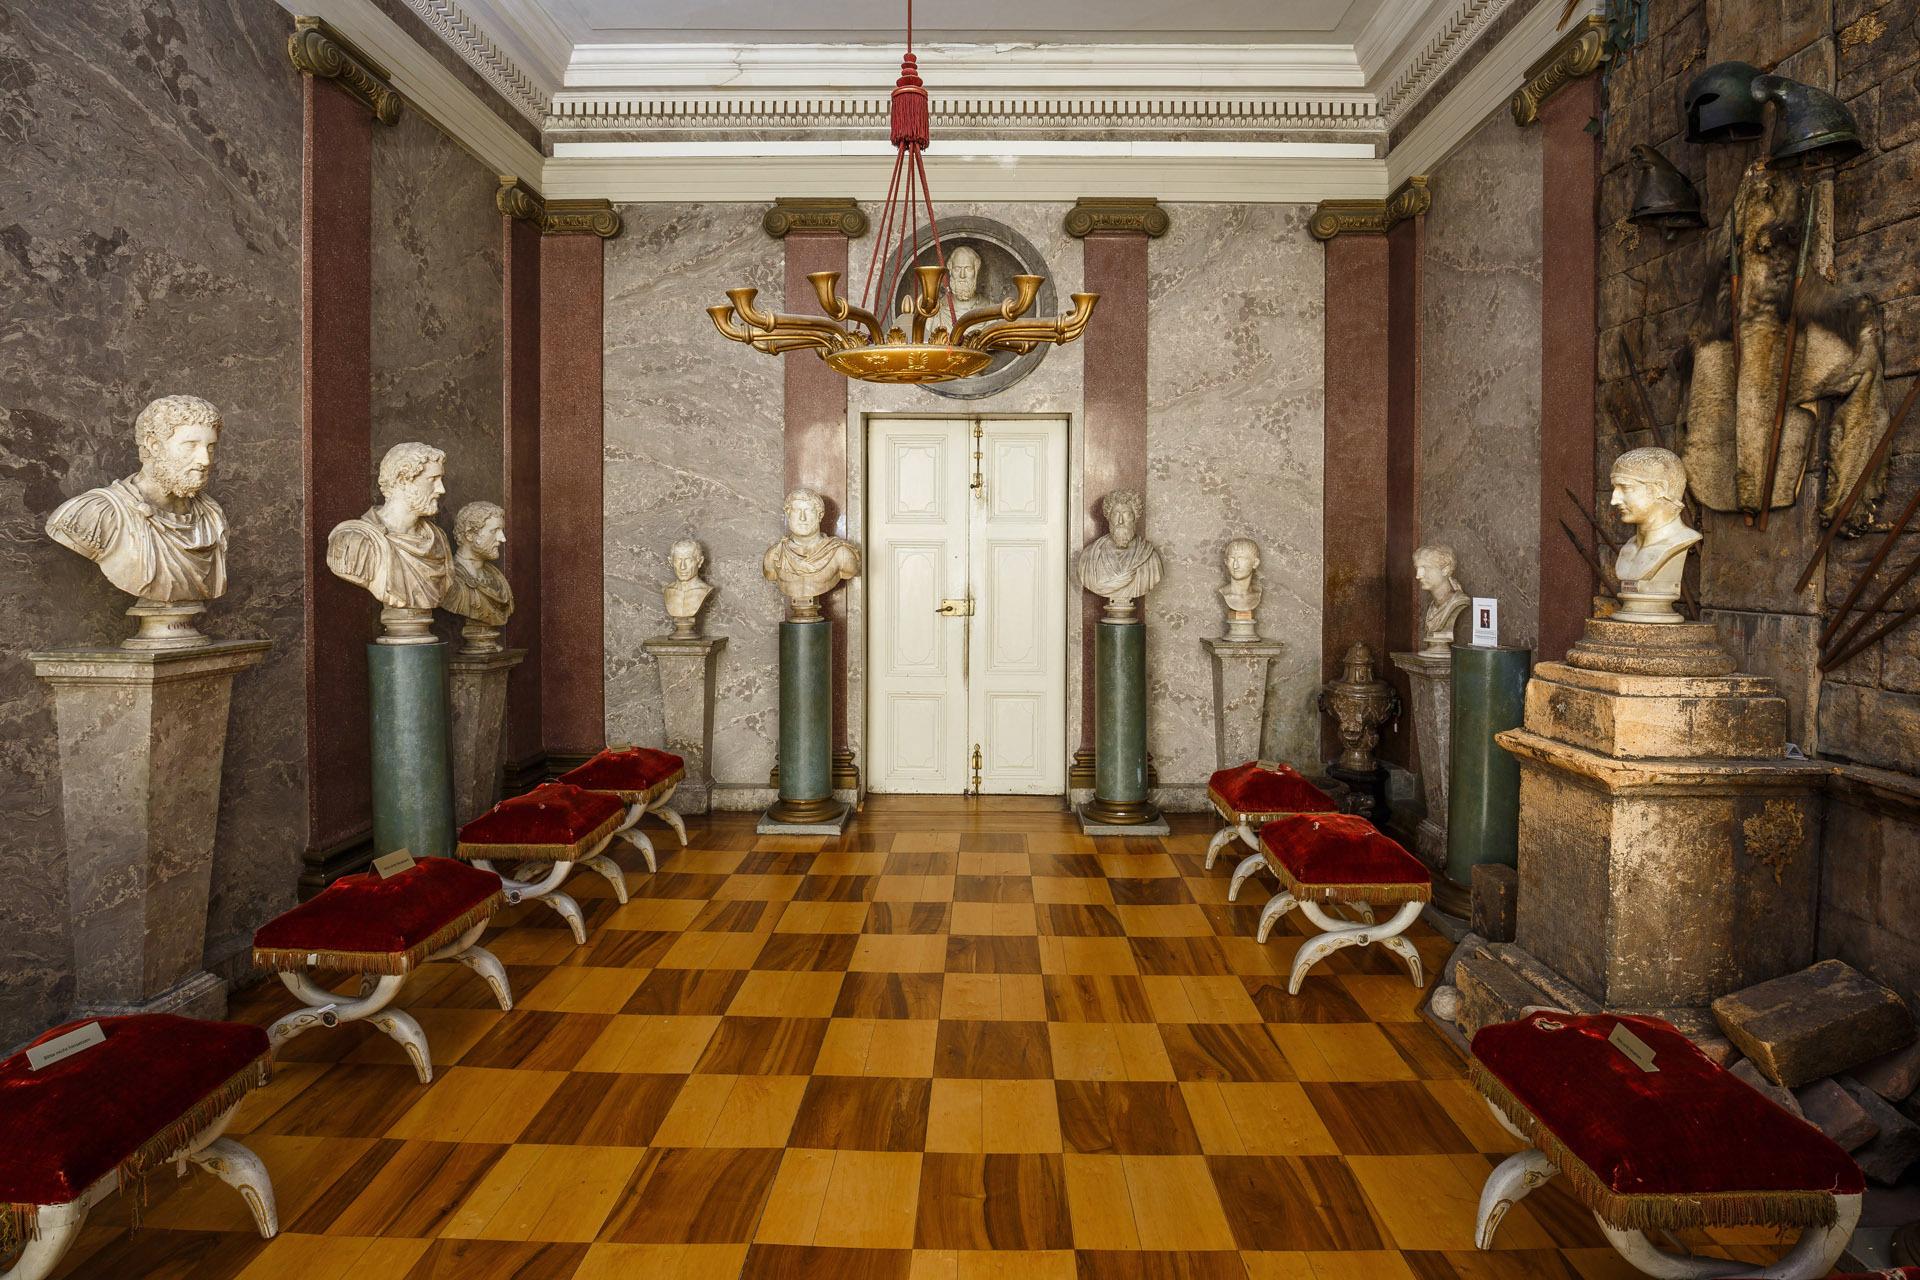 Audienzzimmer des Grafen Franz I. zu Erbach-Erbach